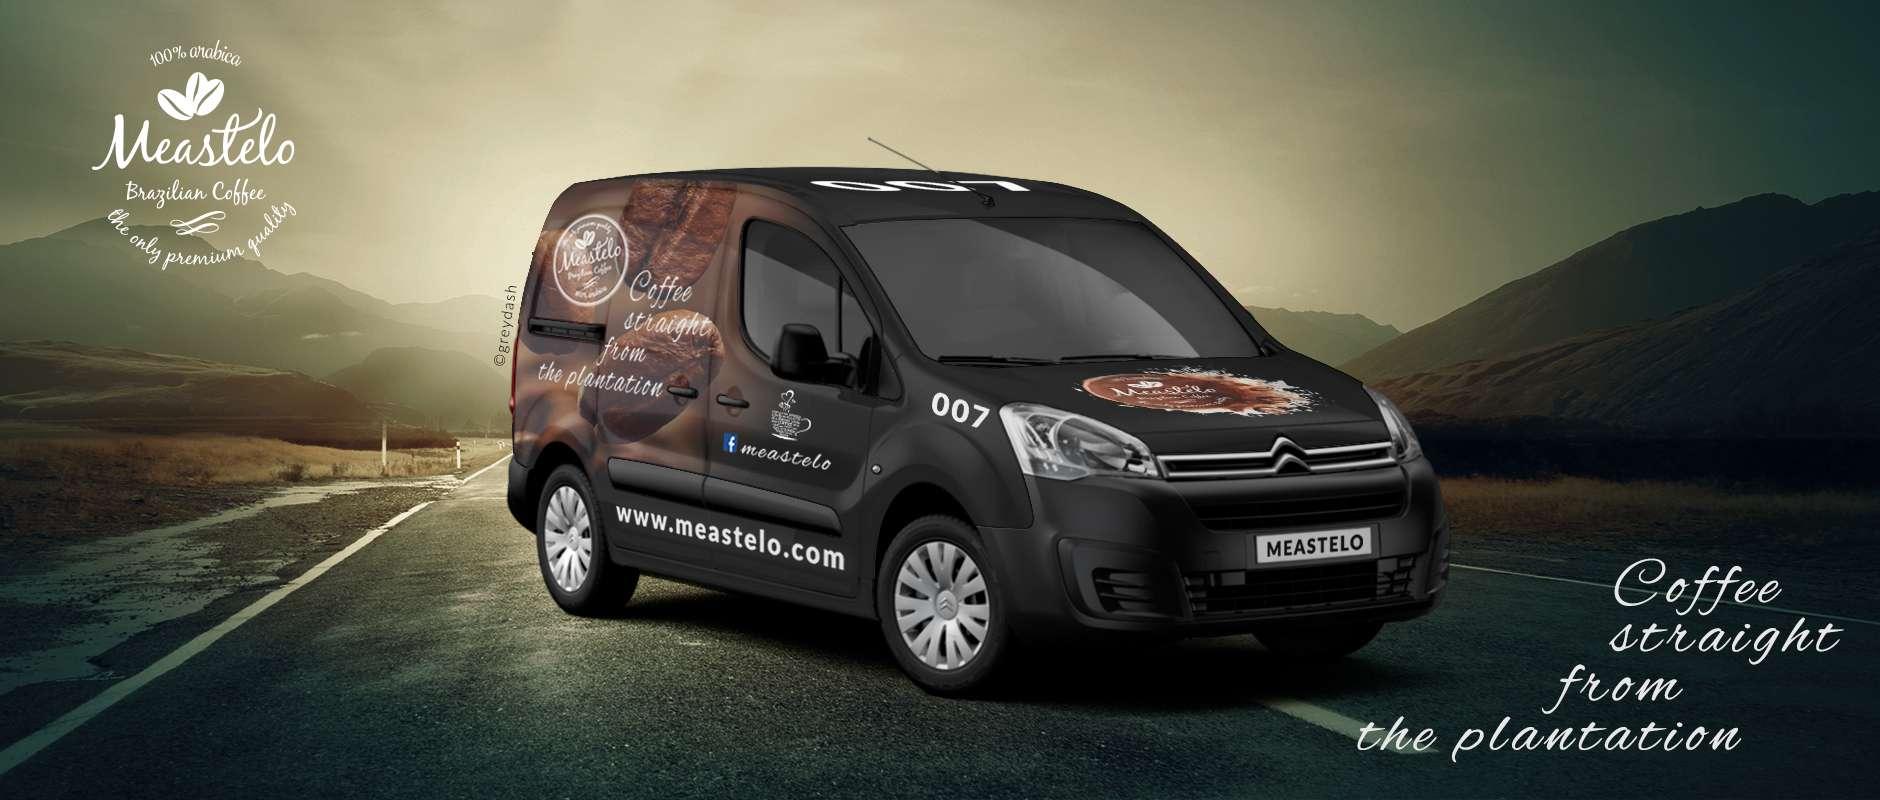 Meastelo's van design